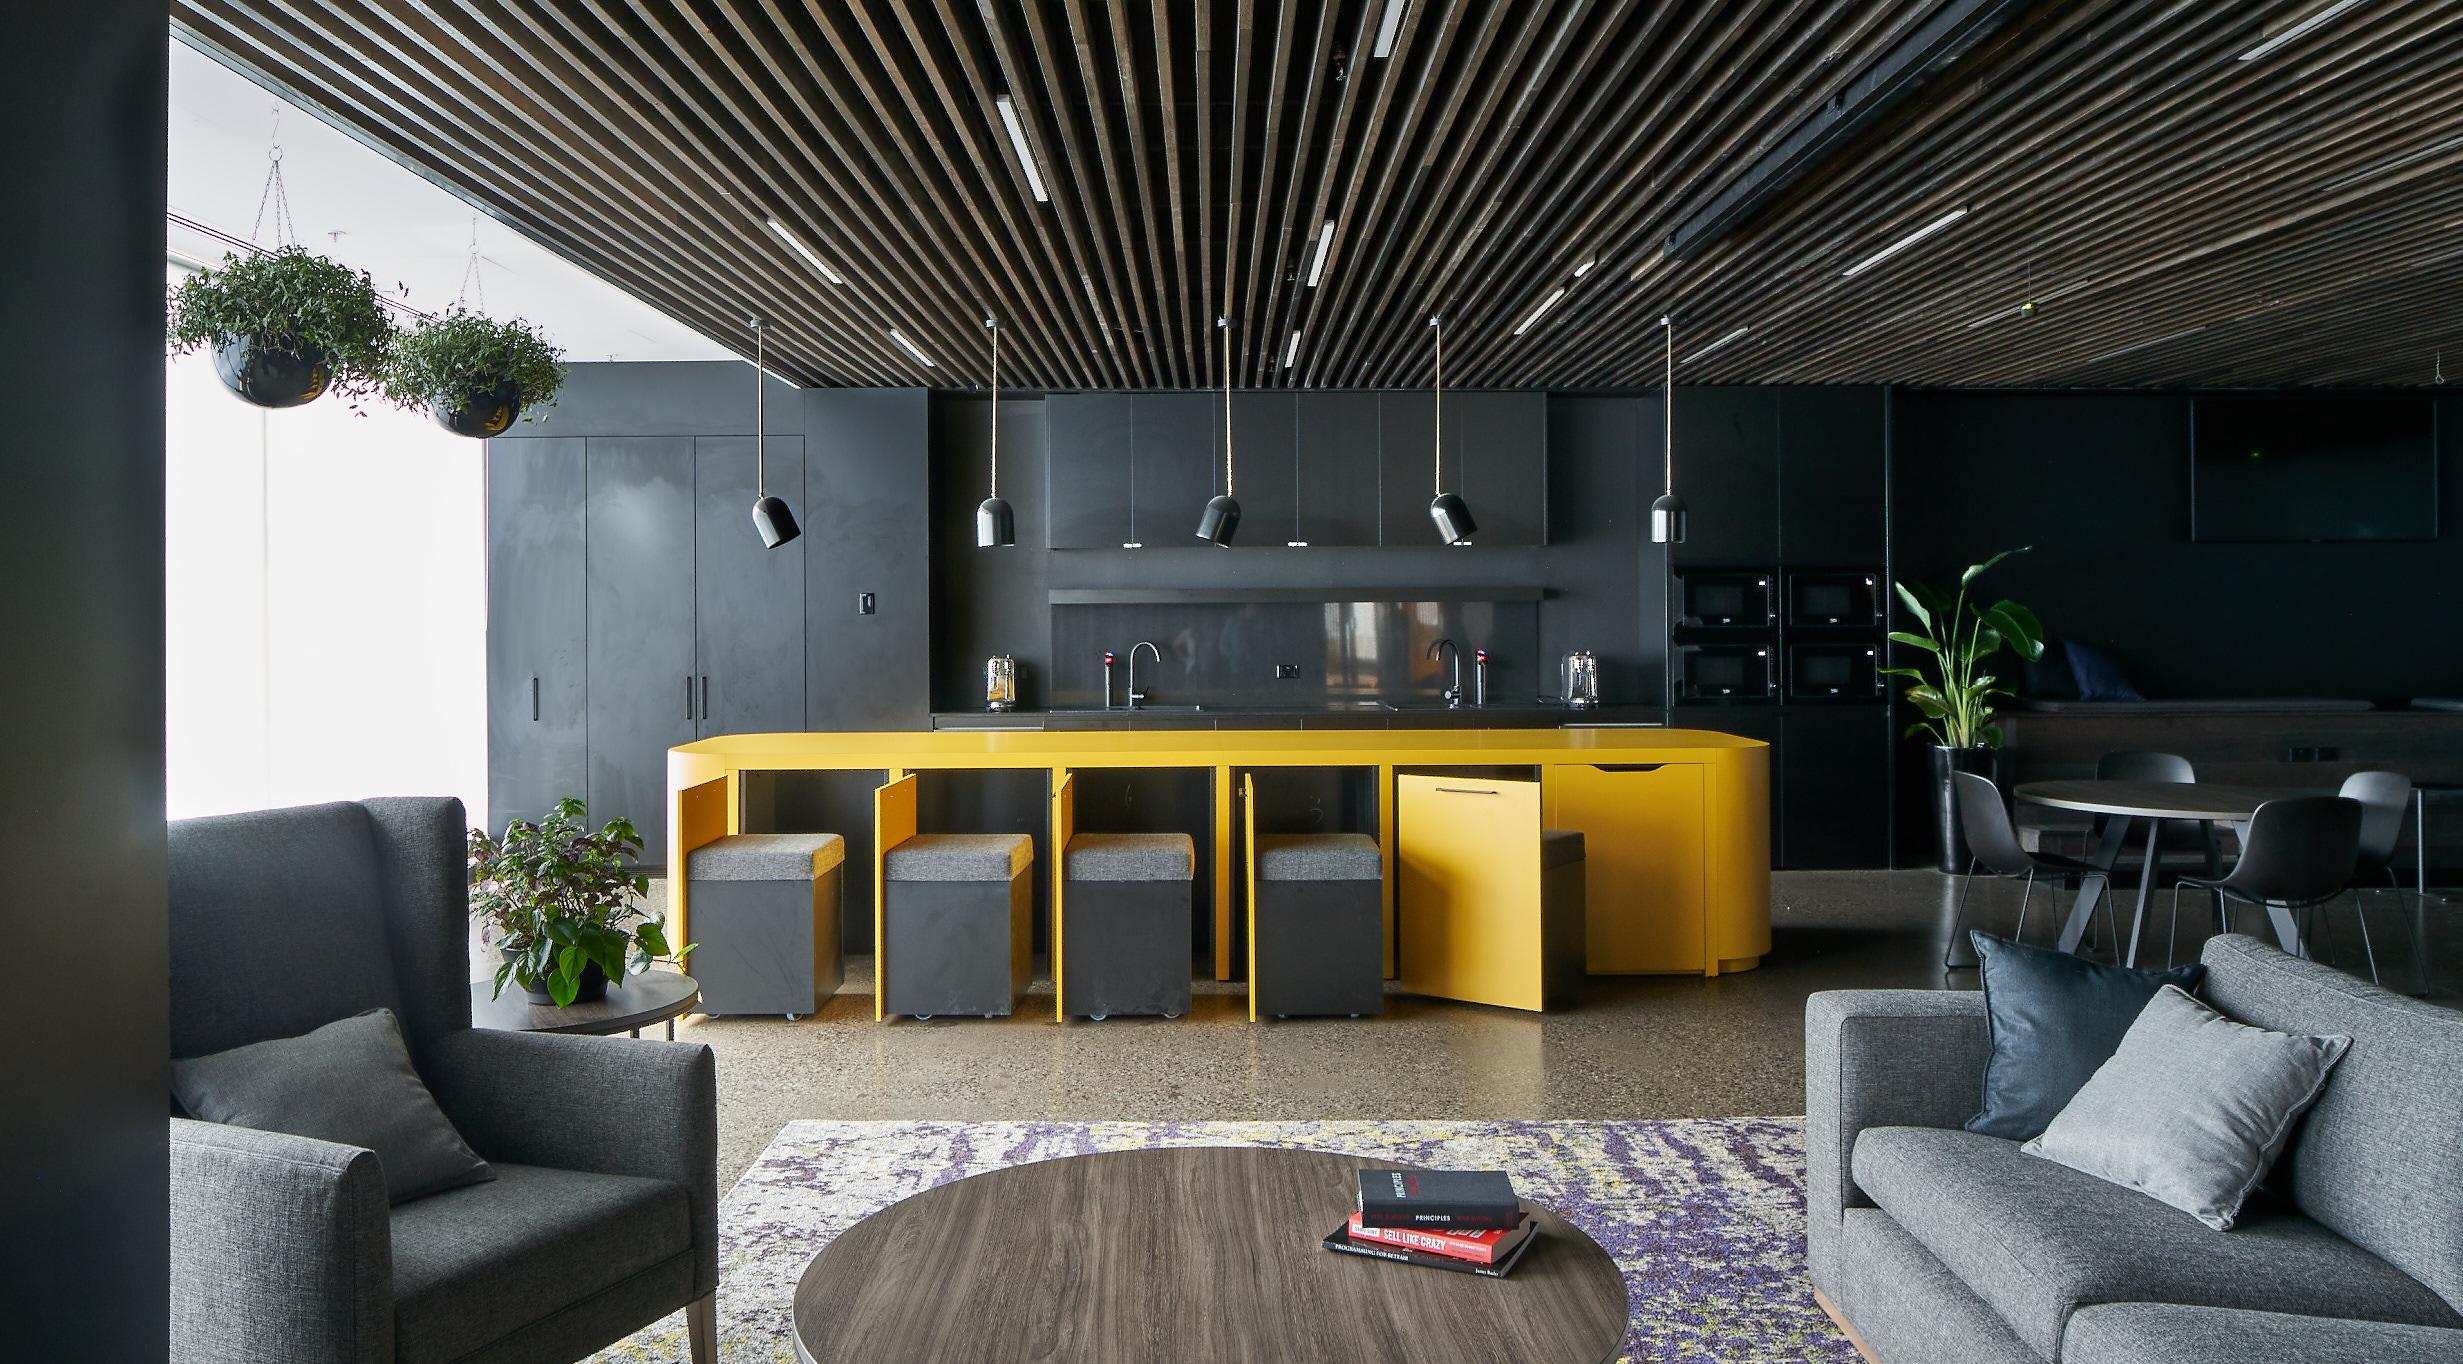 Betfair Kitchen and Lounge Interior Design Island Open